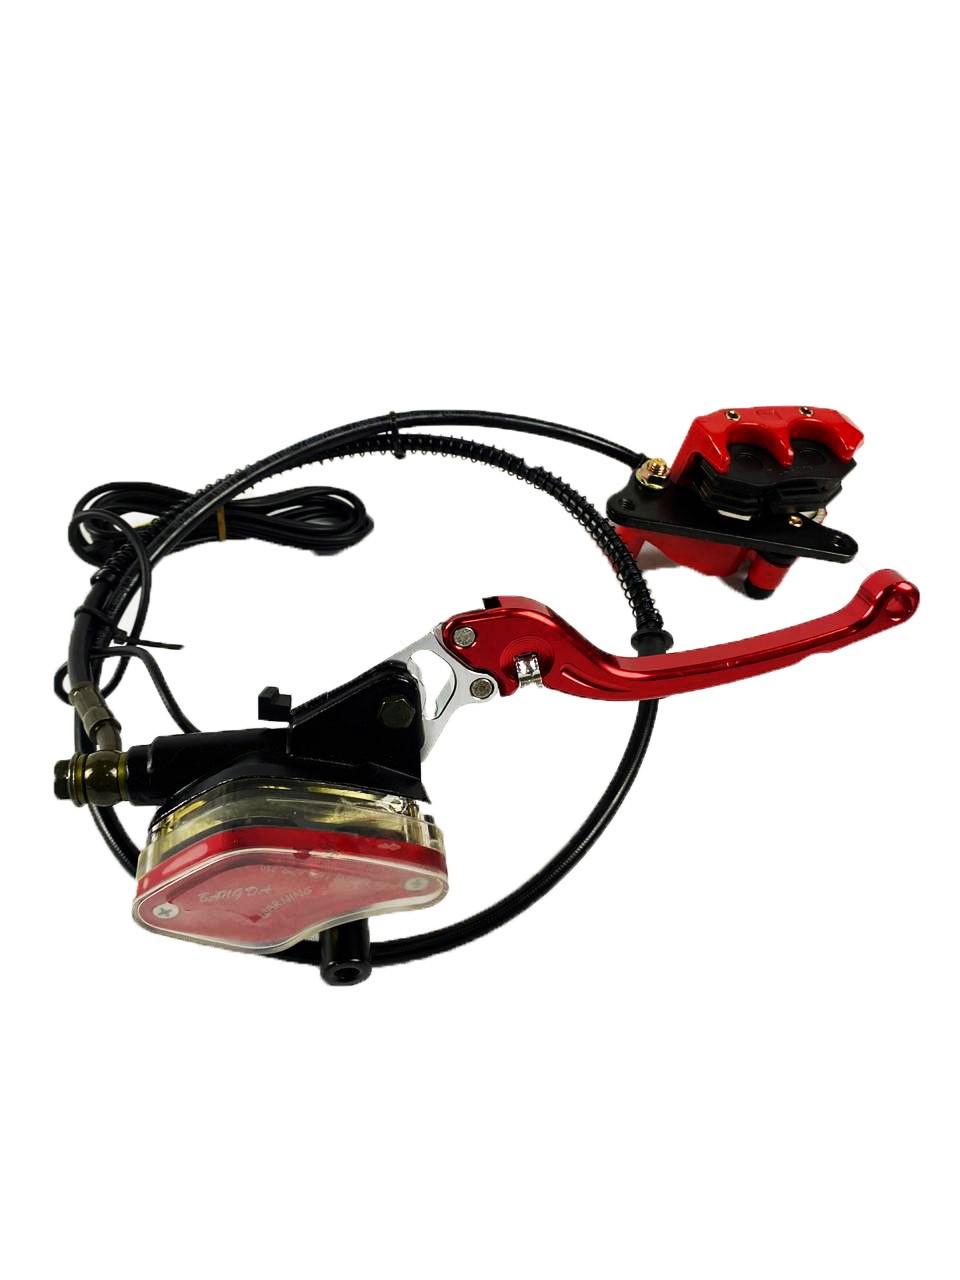 Sistema de freio guidão completo para scooter elétrica citycoco x14 chopper